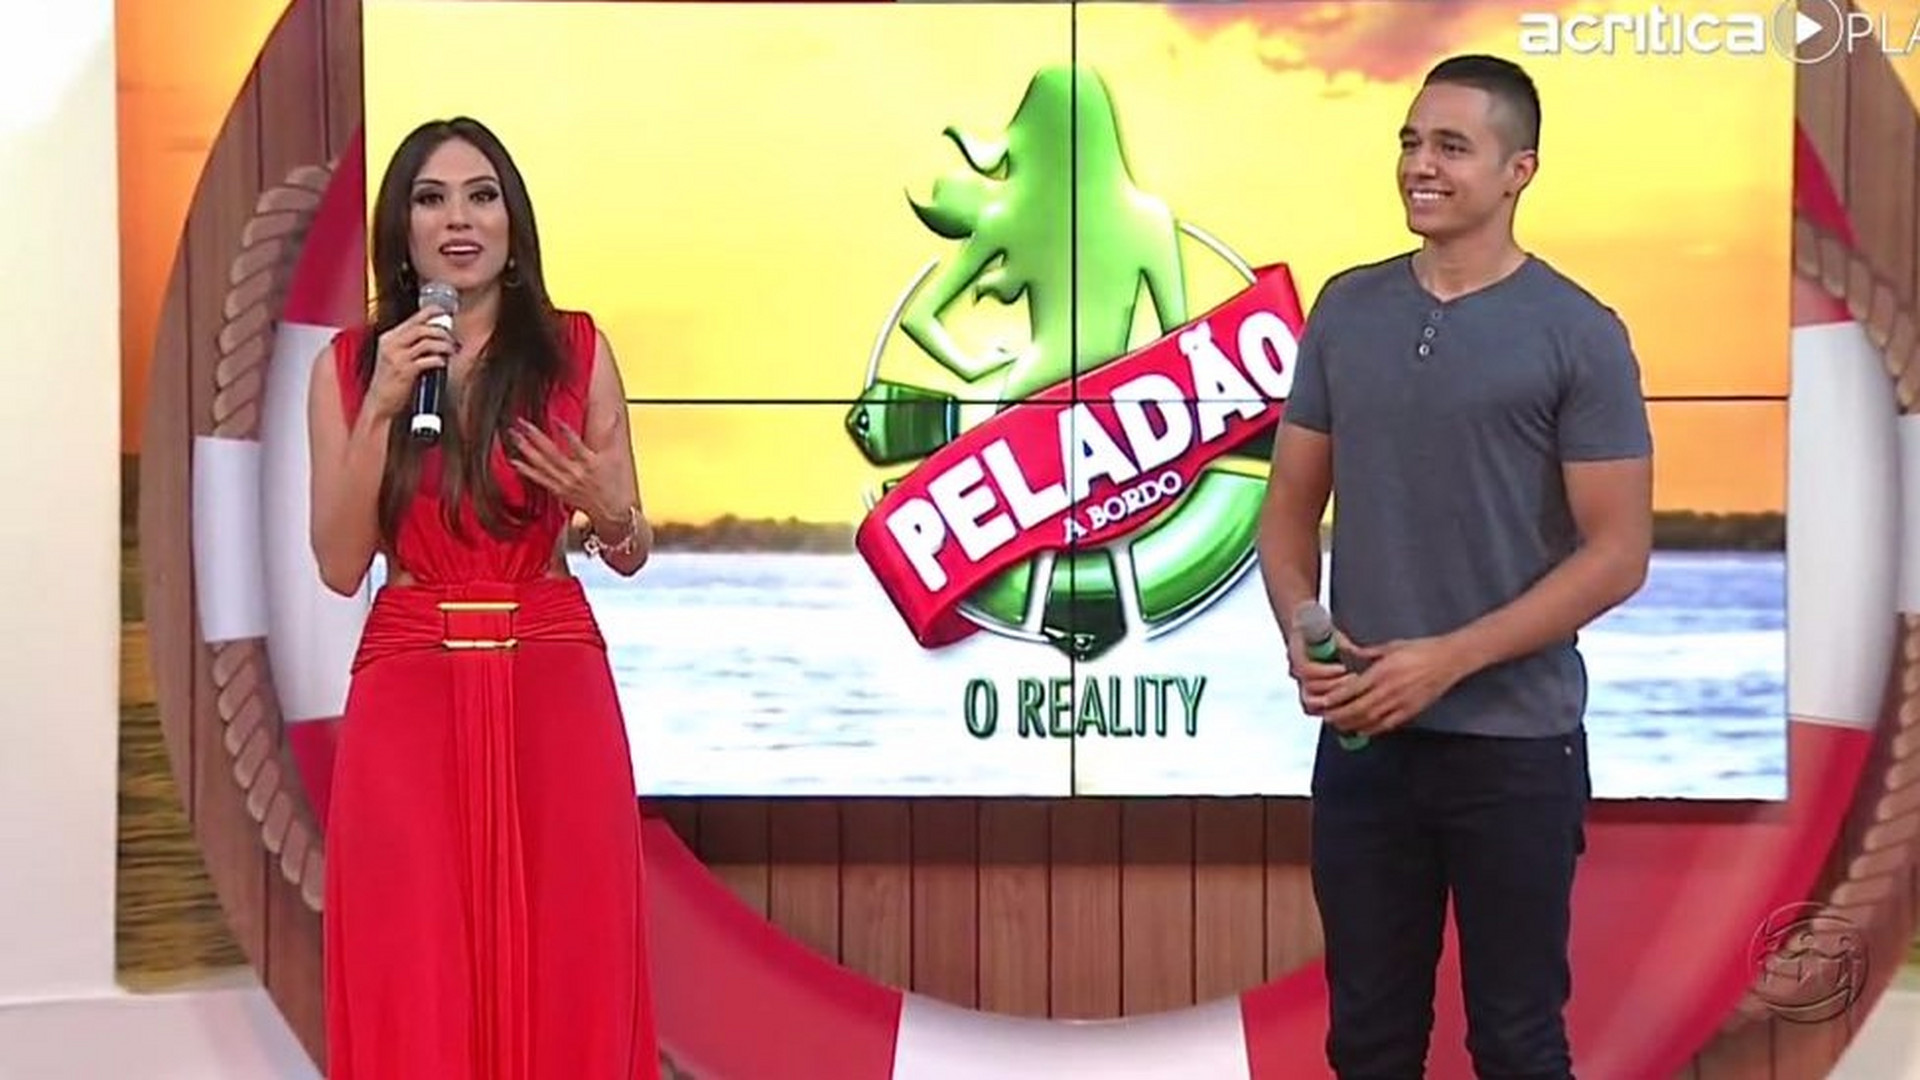 PELADÃO A BORDO - EPISÓDIO 01 - 14/11/17